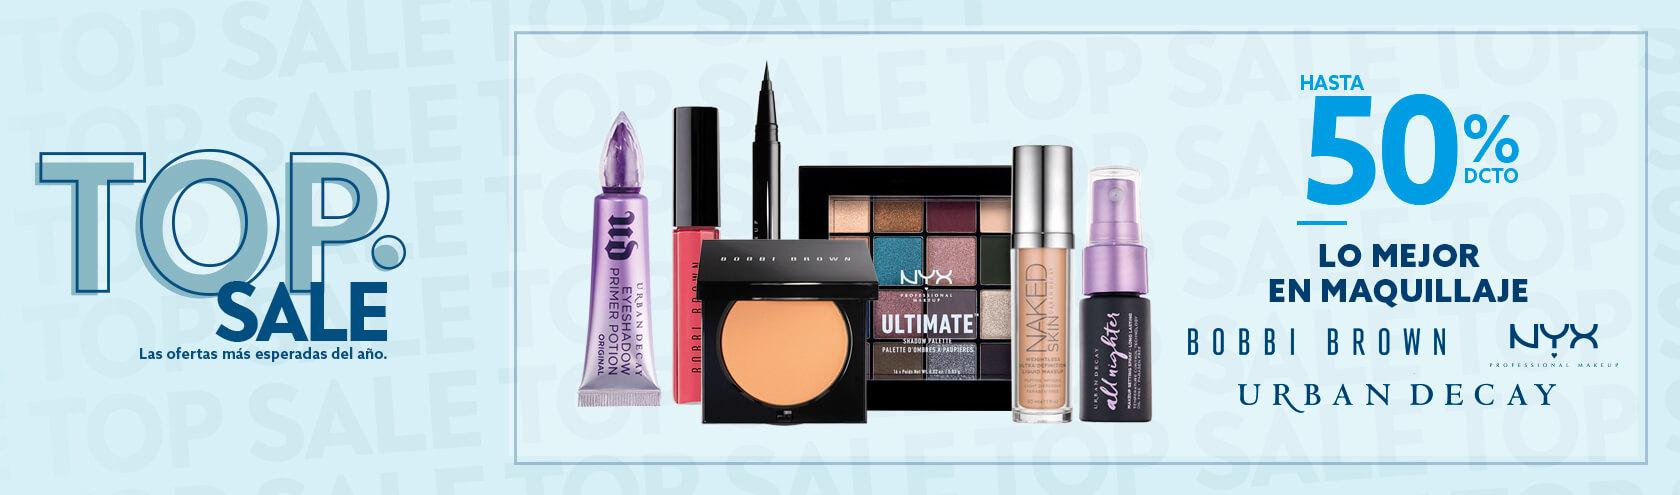 Hasta 50 porciento de descuento en Maquillaje